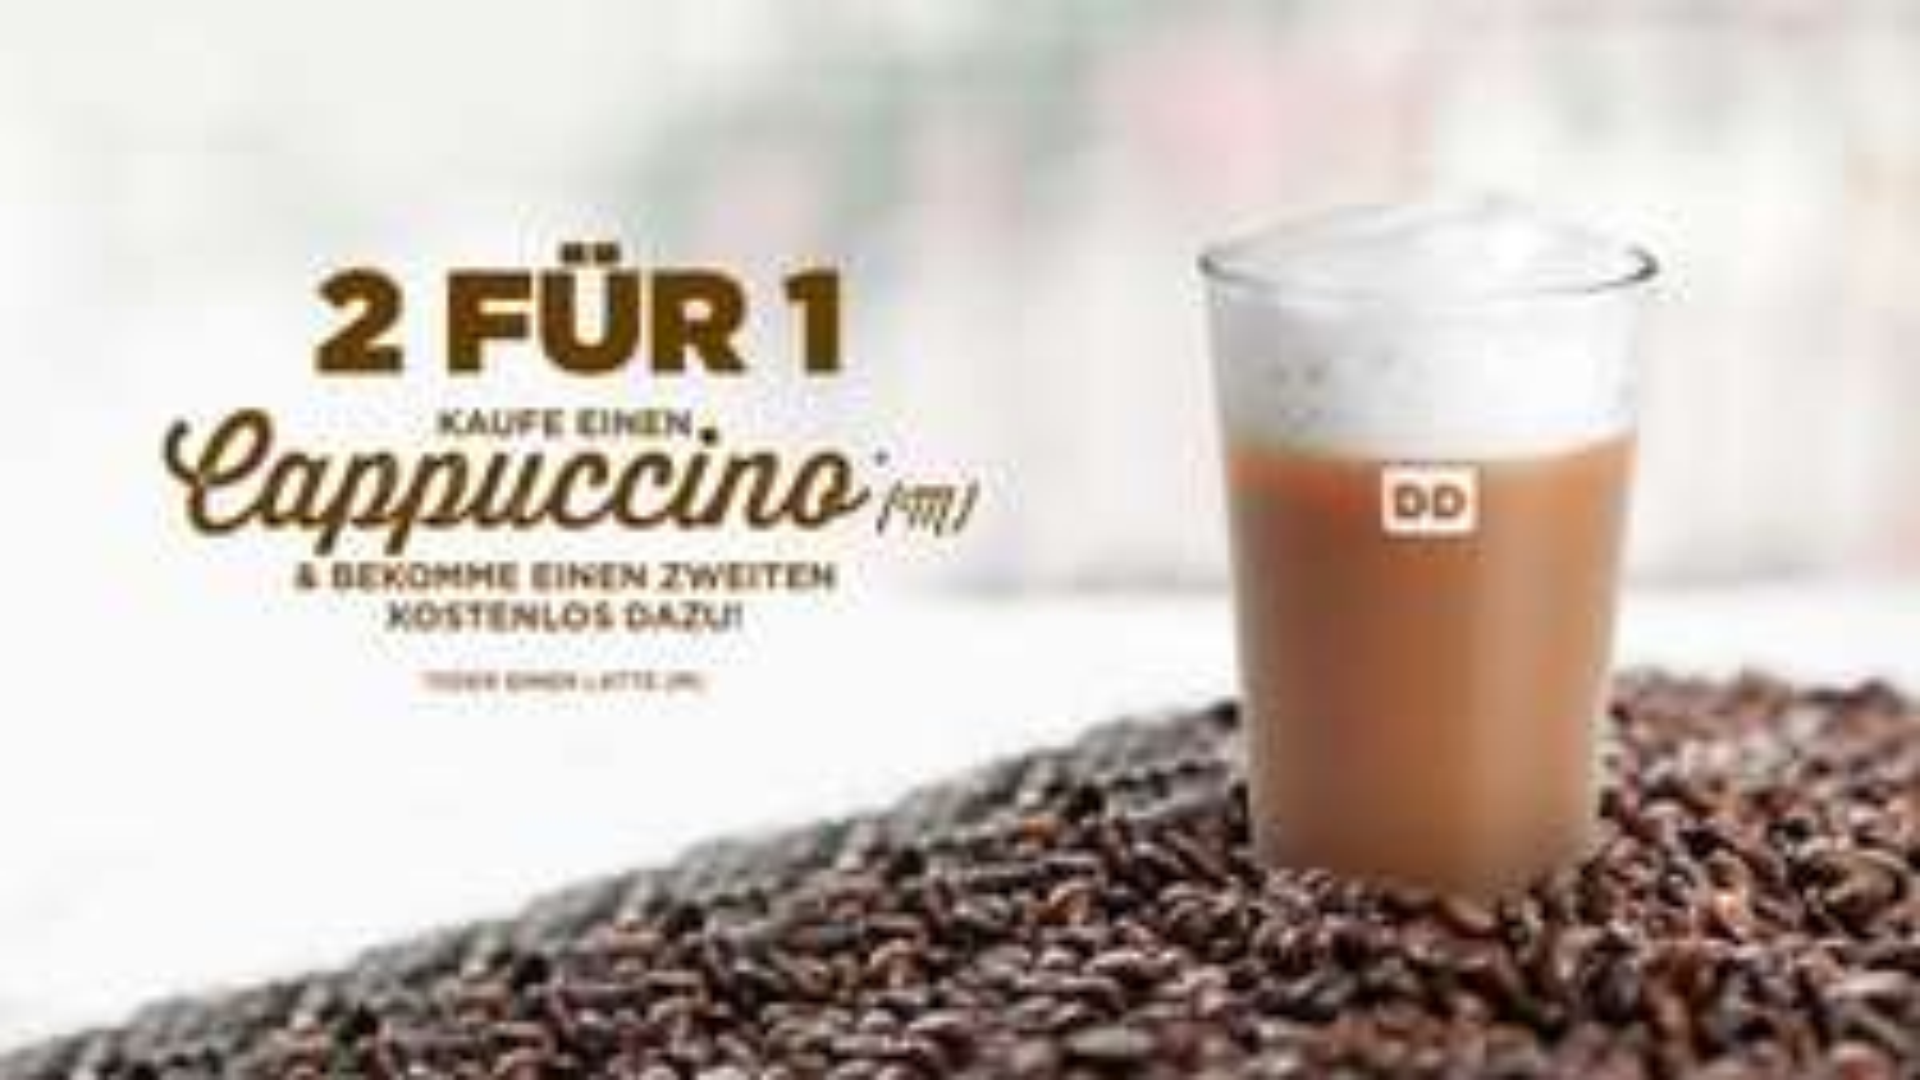 (Dunkin' Donuts)2 für 1 Cappuccino(M) oder Latte(M) kaufen, 2. ist kostenlos